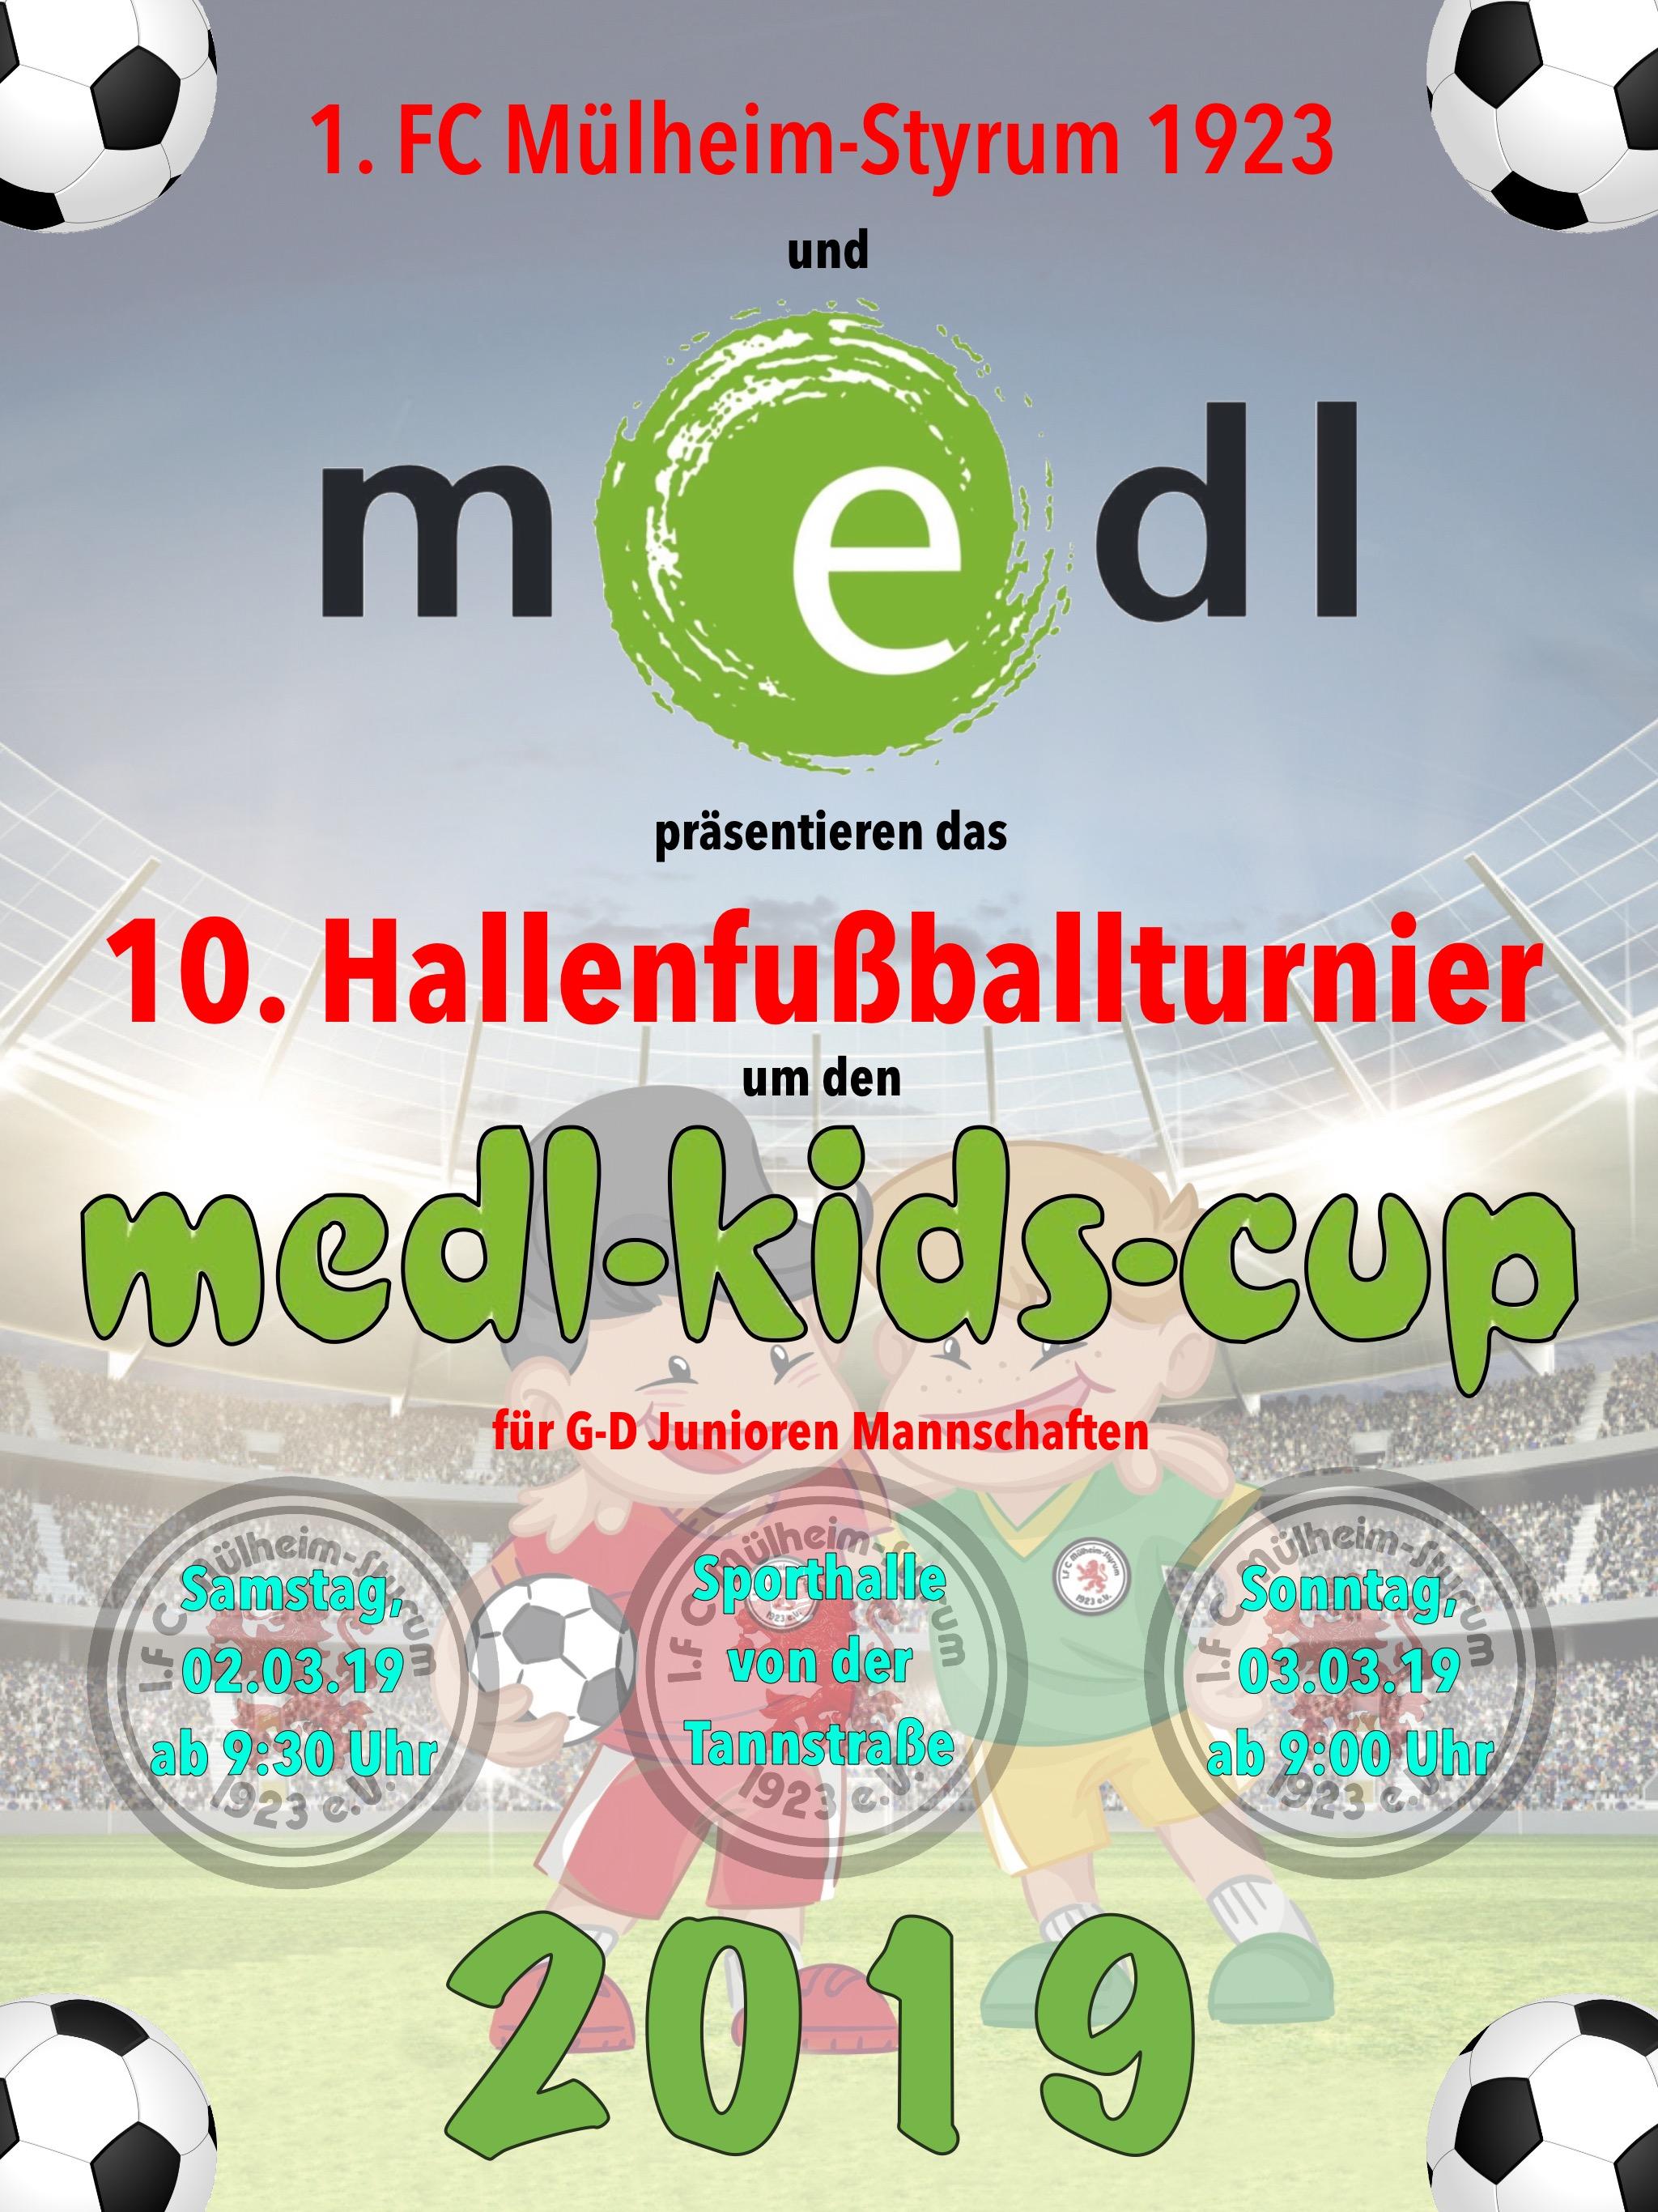 medl-kids-cup 2019